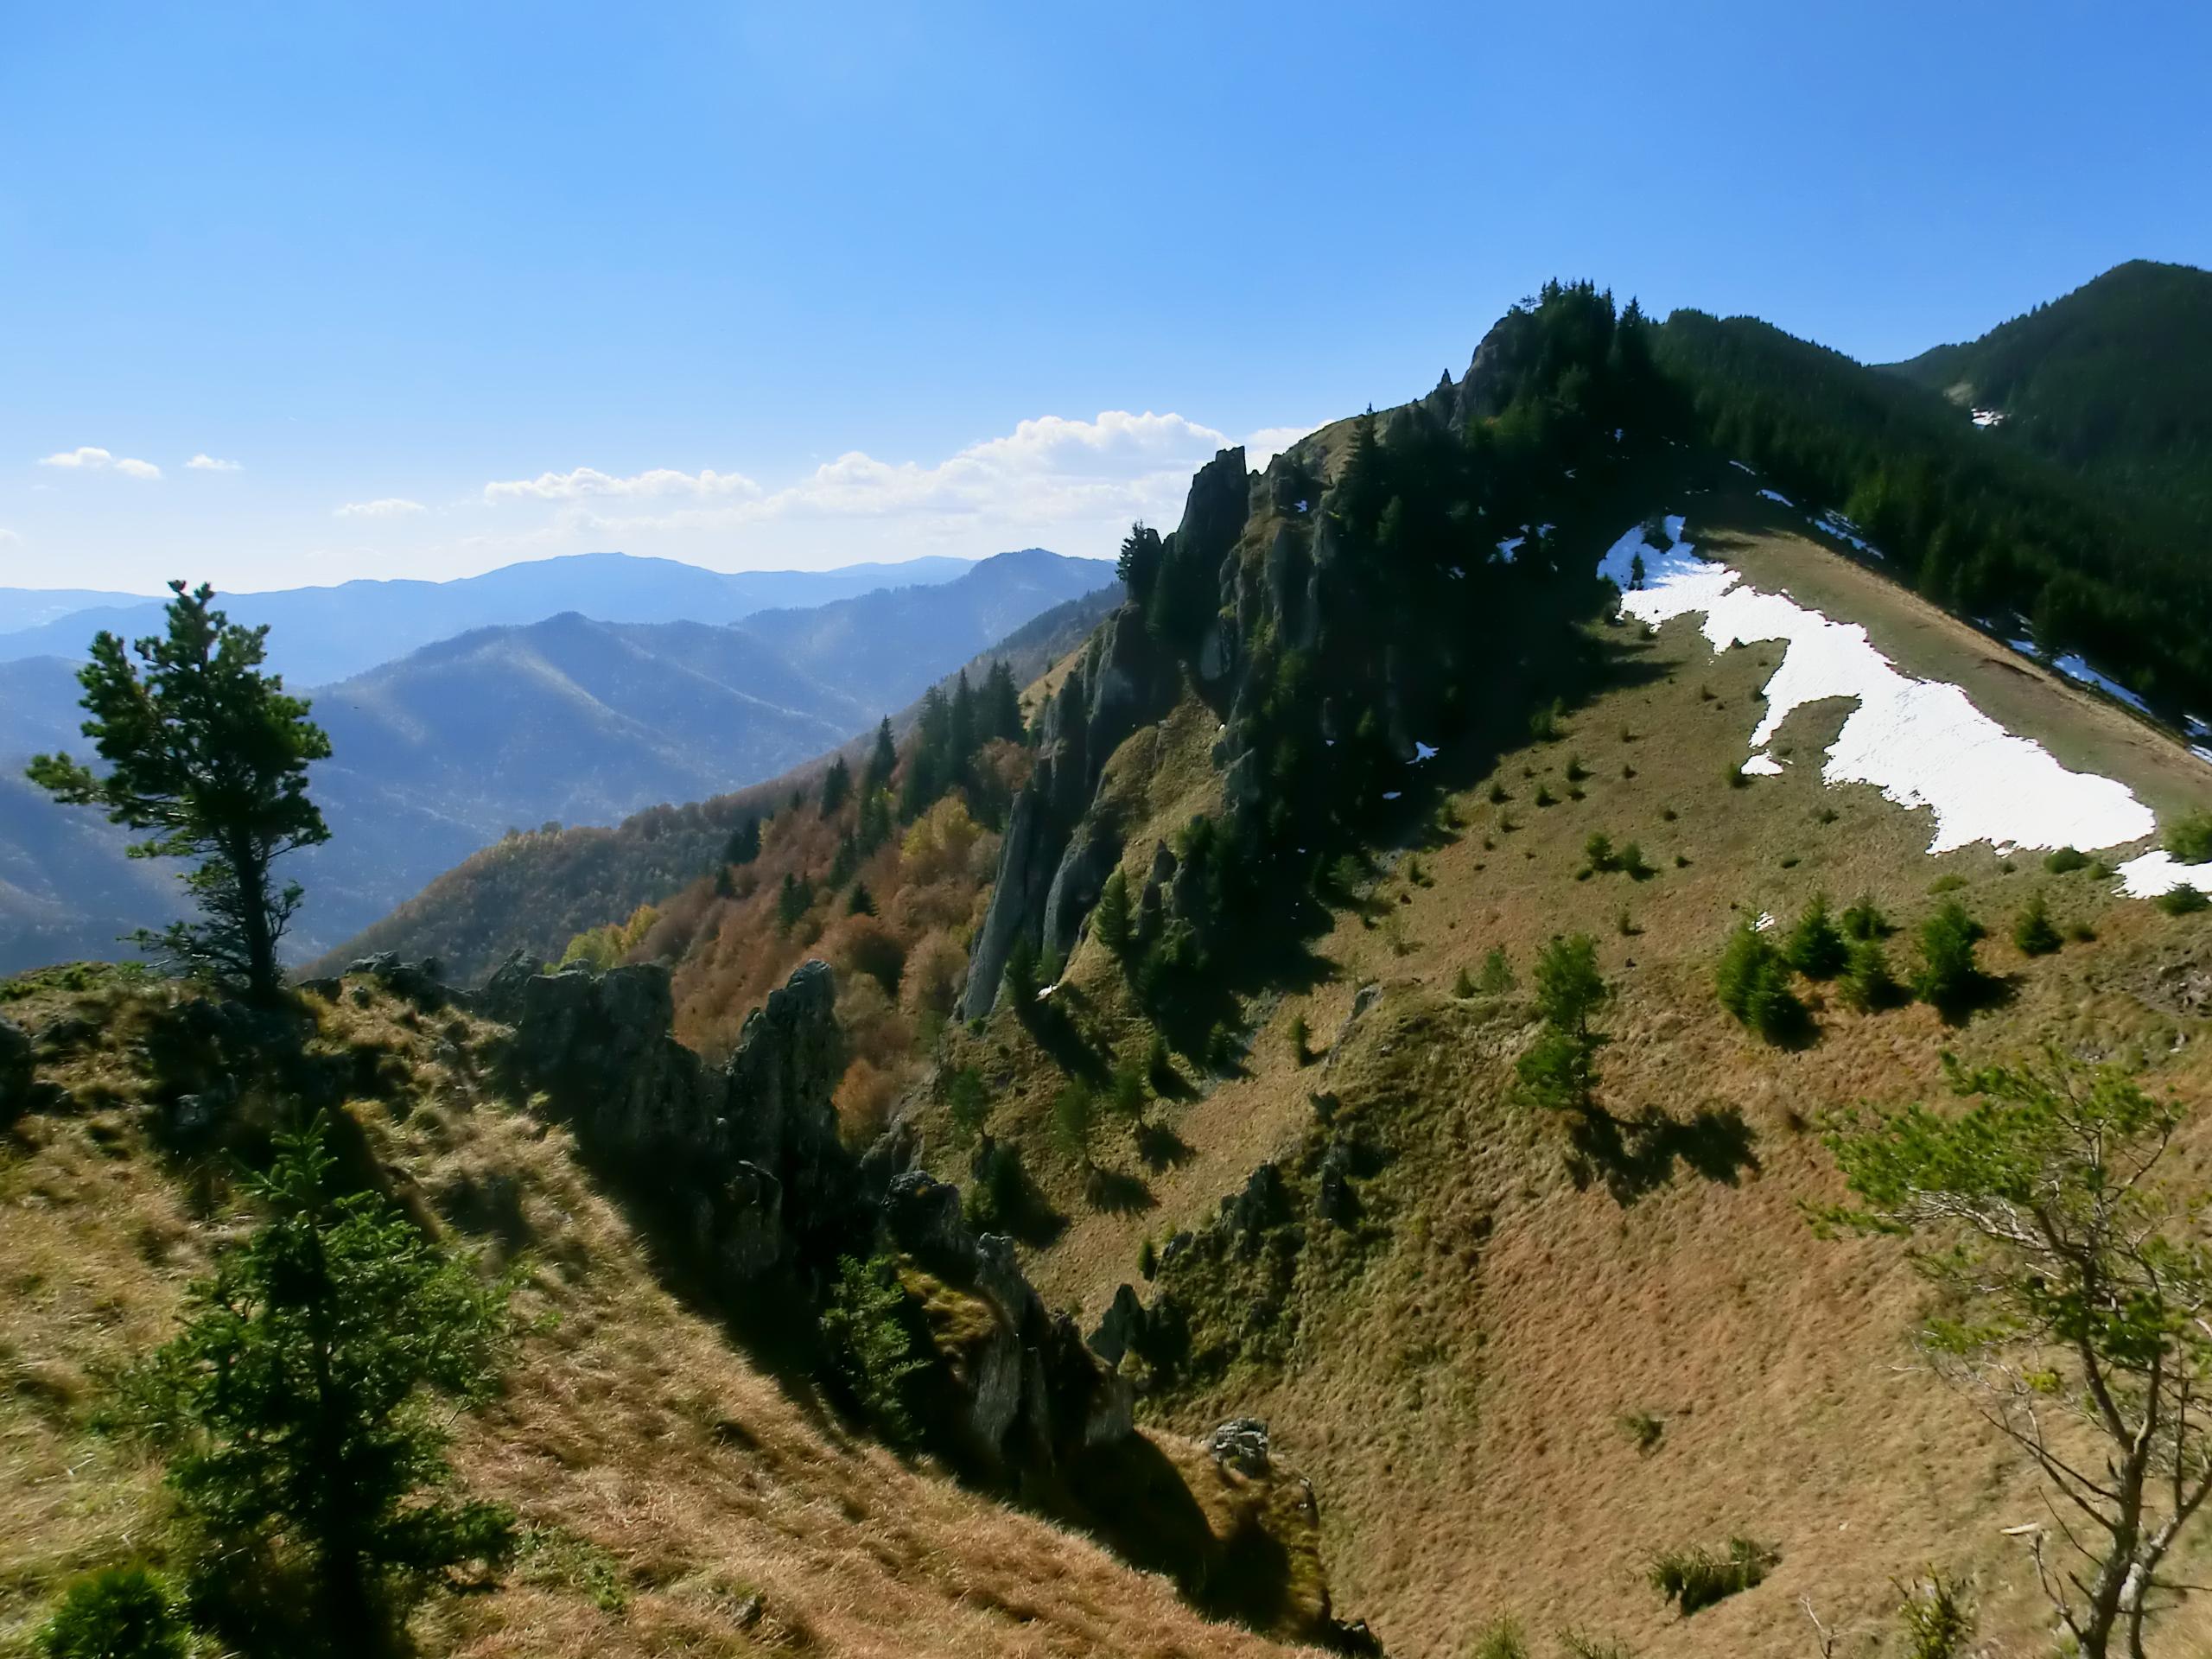 50 - 12.10.2013 - Turnurile Cozei - Tură Muntele Coza